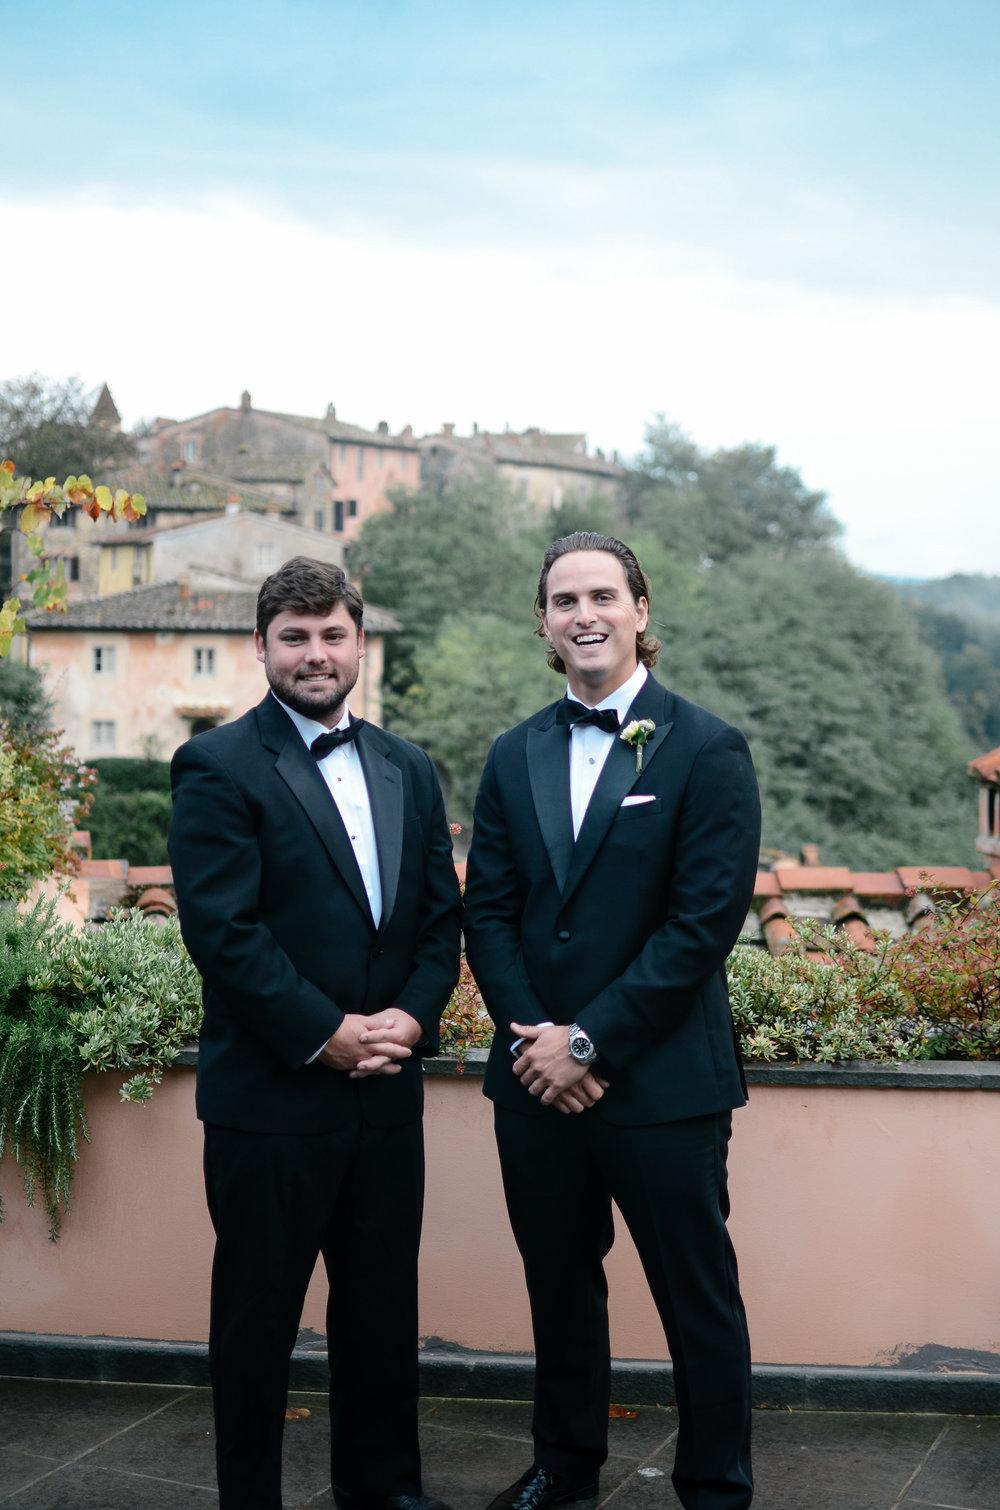 il-borro-toscana-wedding-tuscany-lifeonpine_DSC_1111.jpg